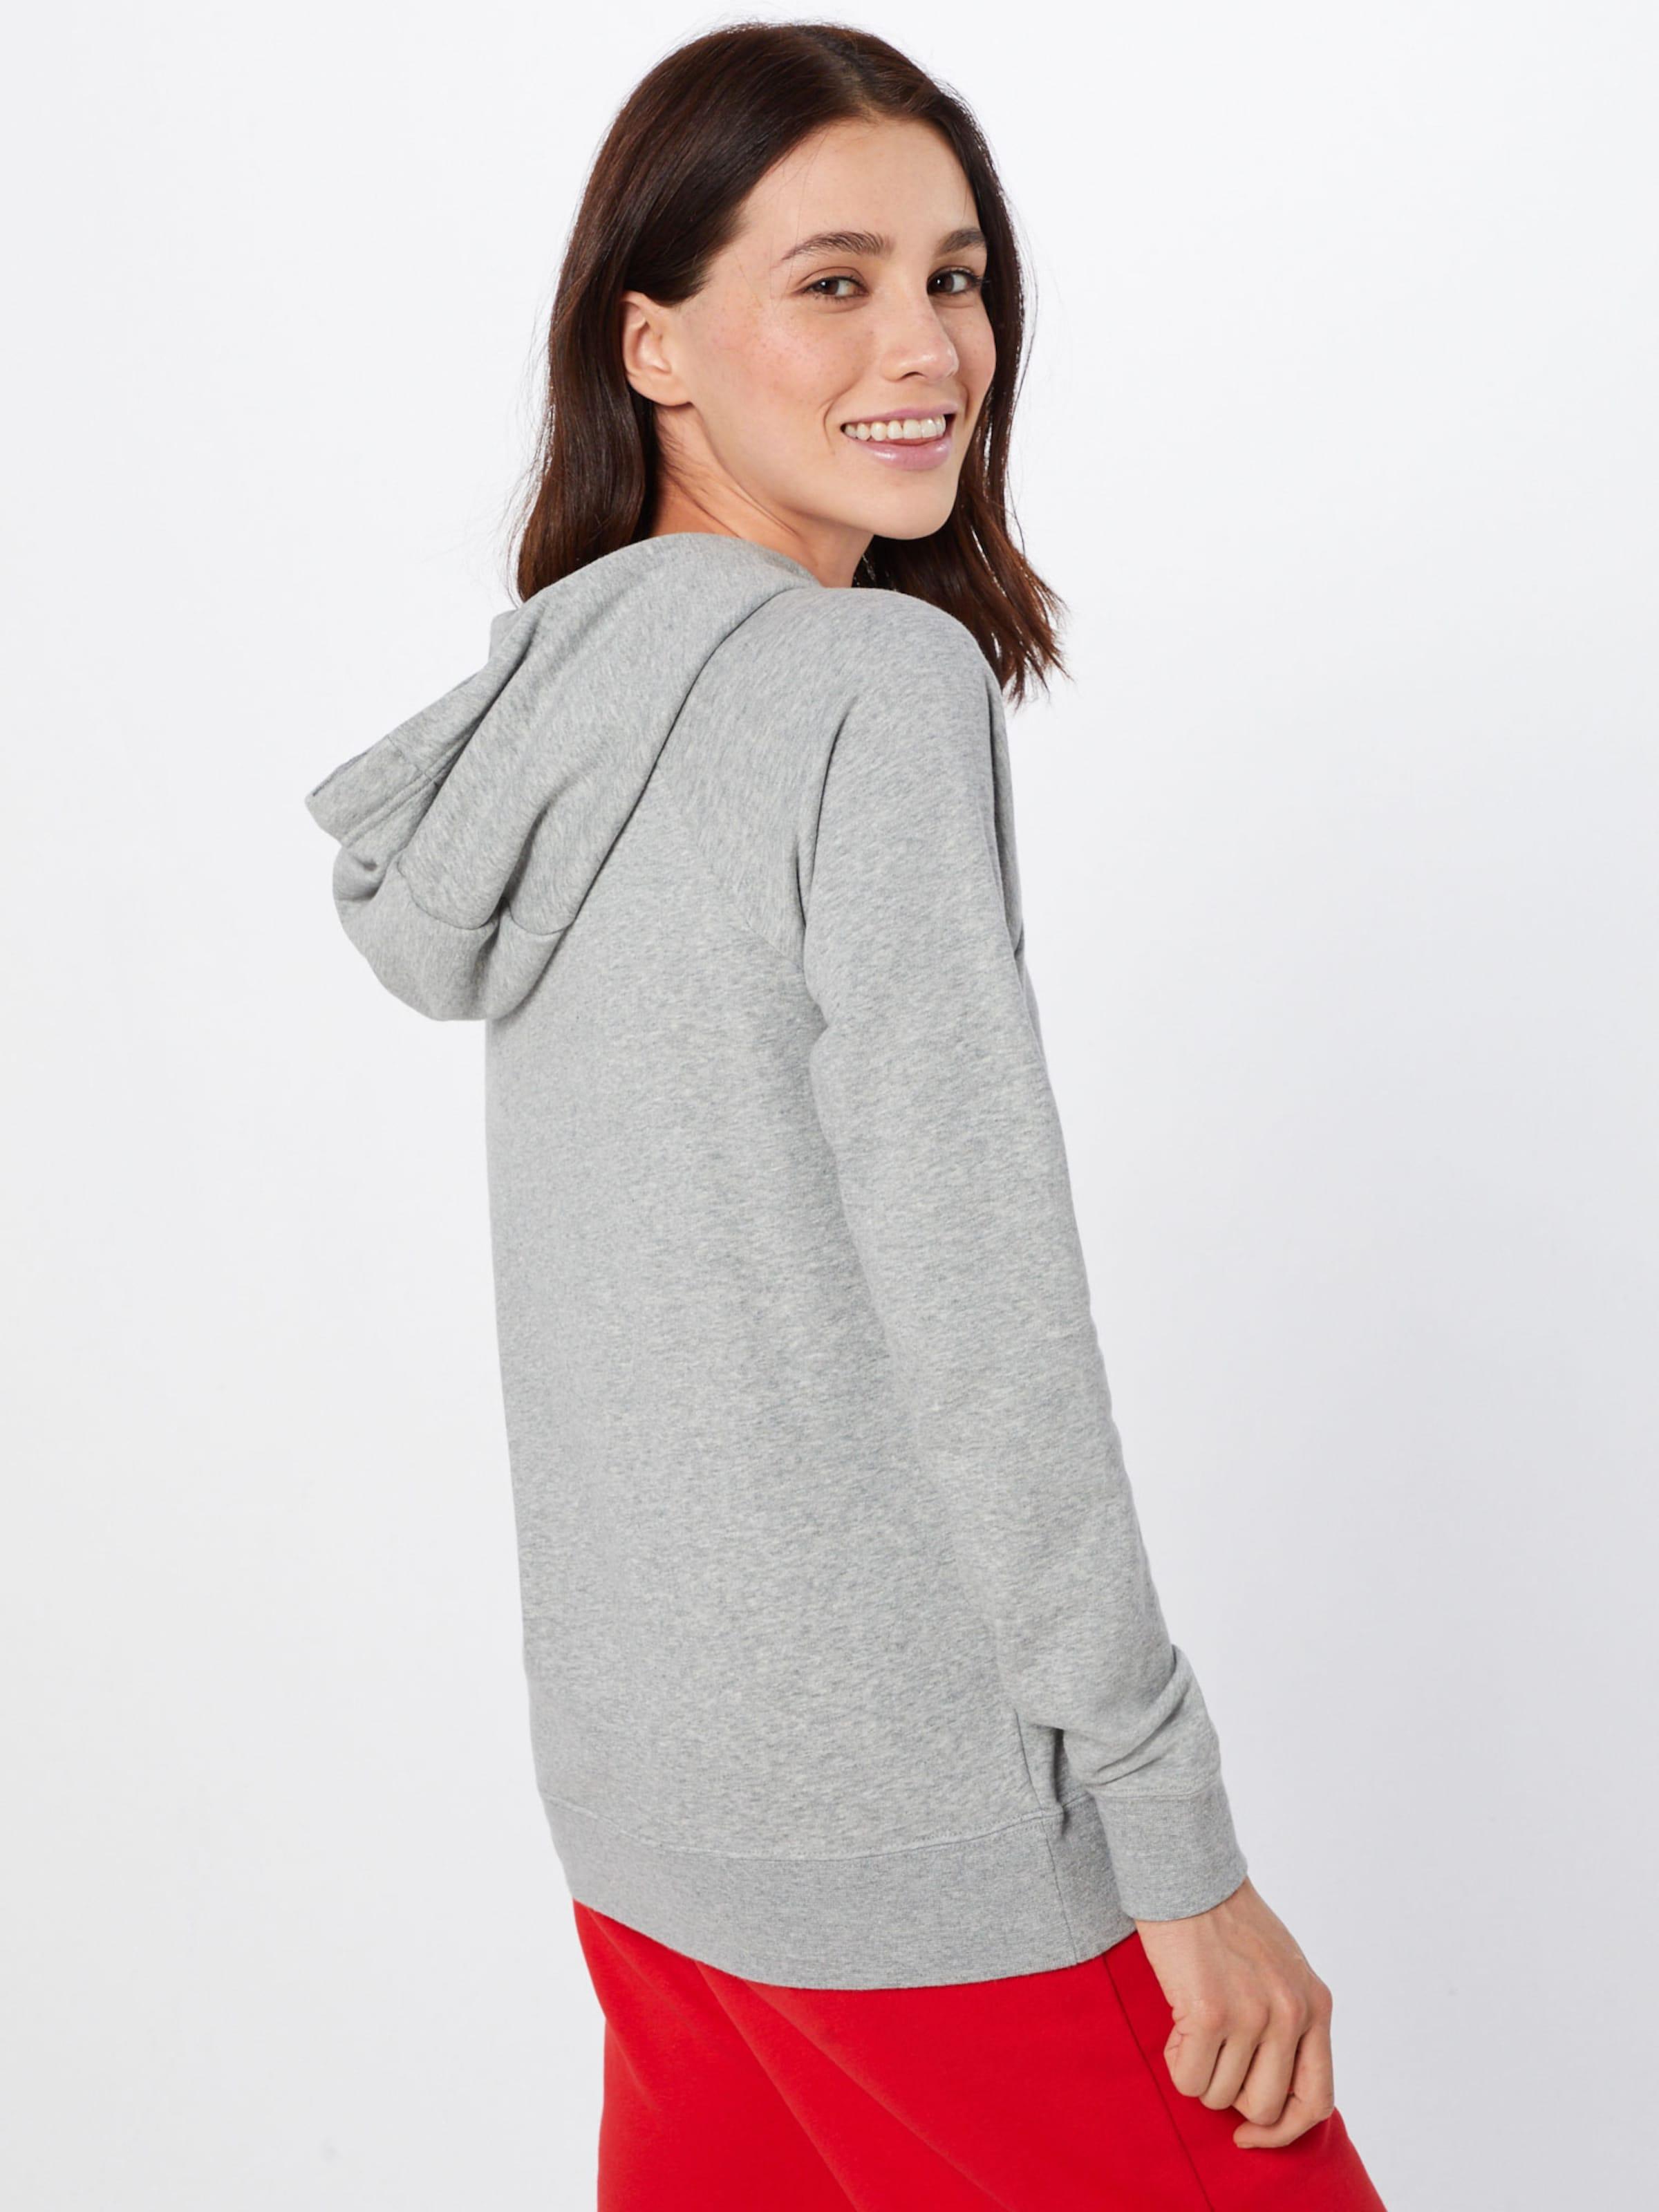 Nike Sportswear En shirt Violet Sweat vmNwn0O8